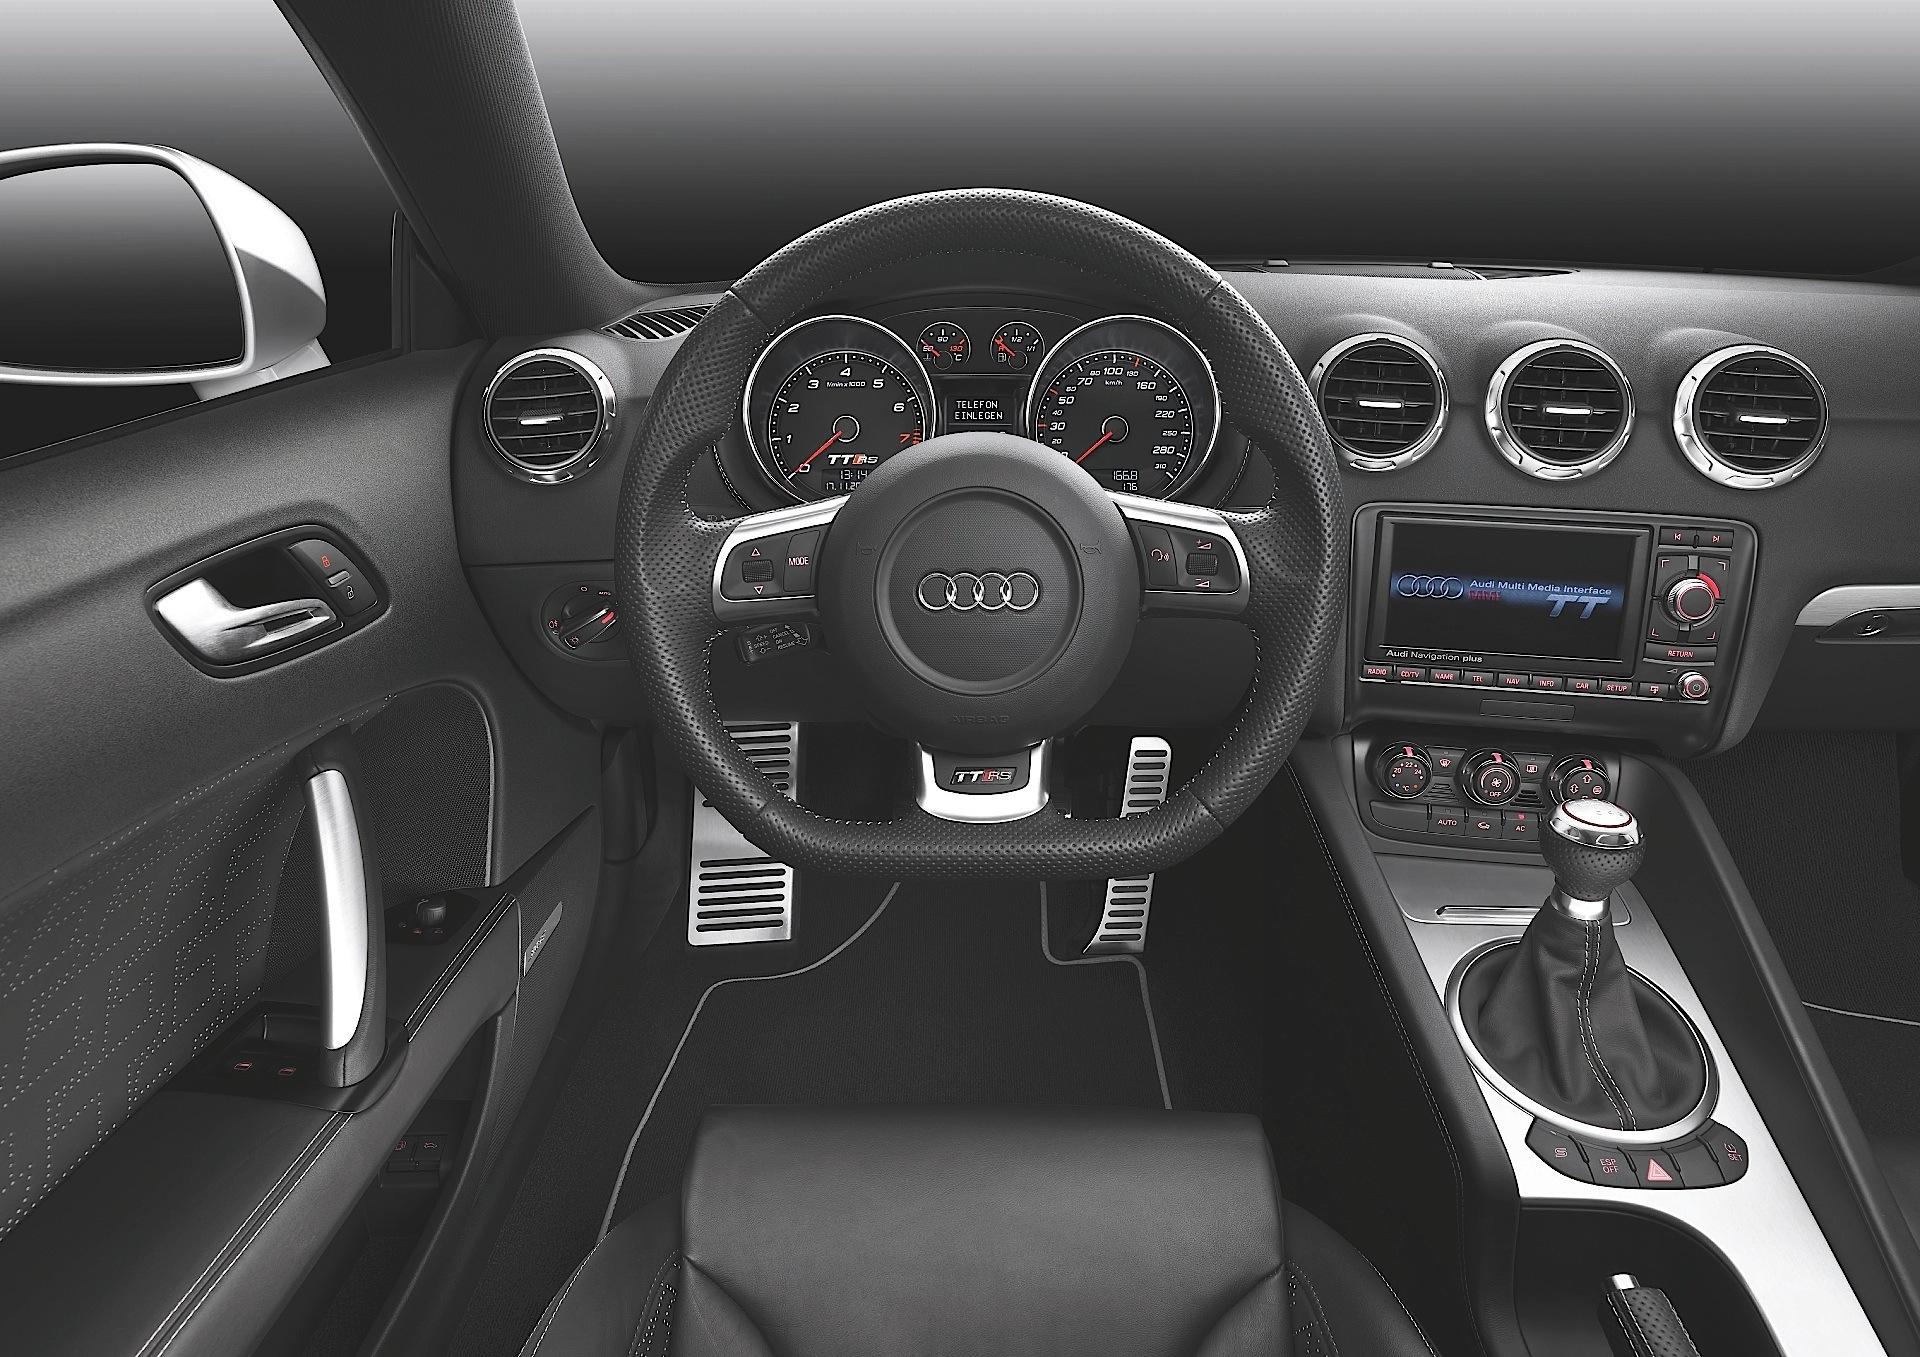 Audi TT RS II (8J) 2009 - 2014 Coupe #5